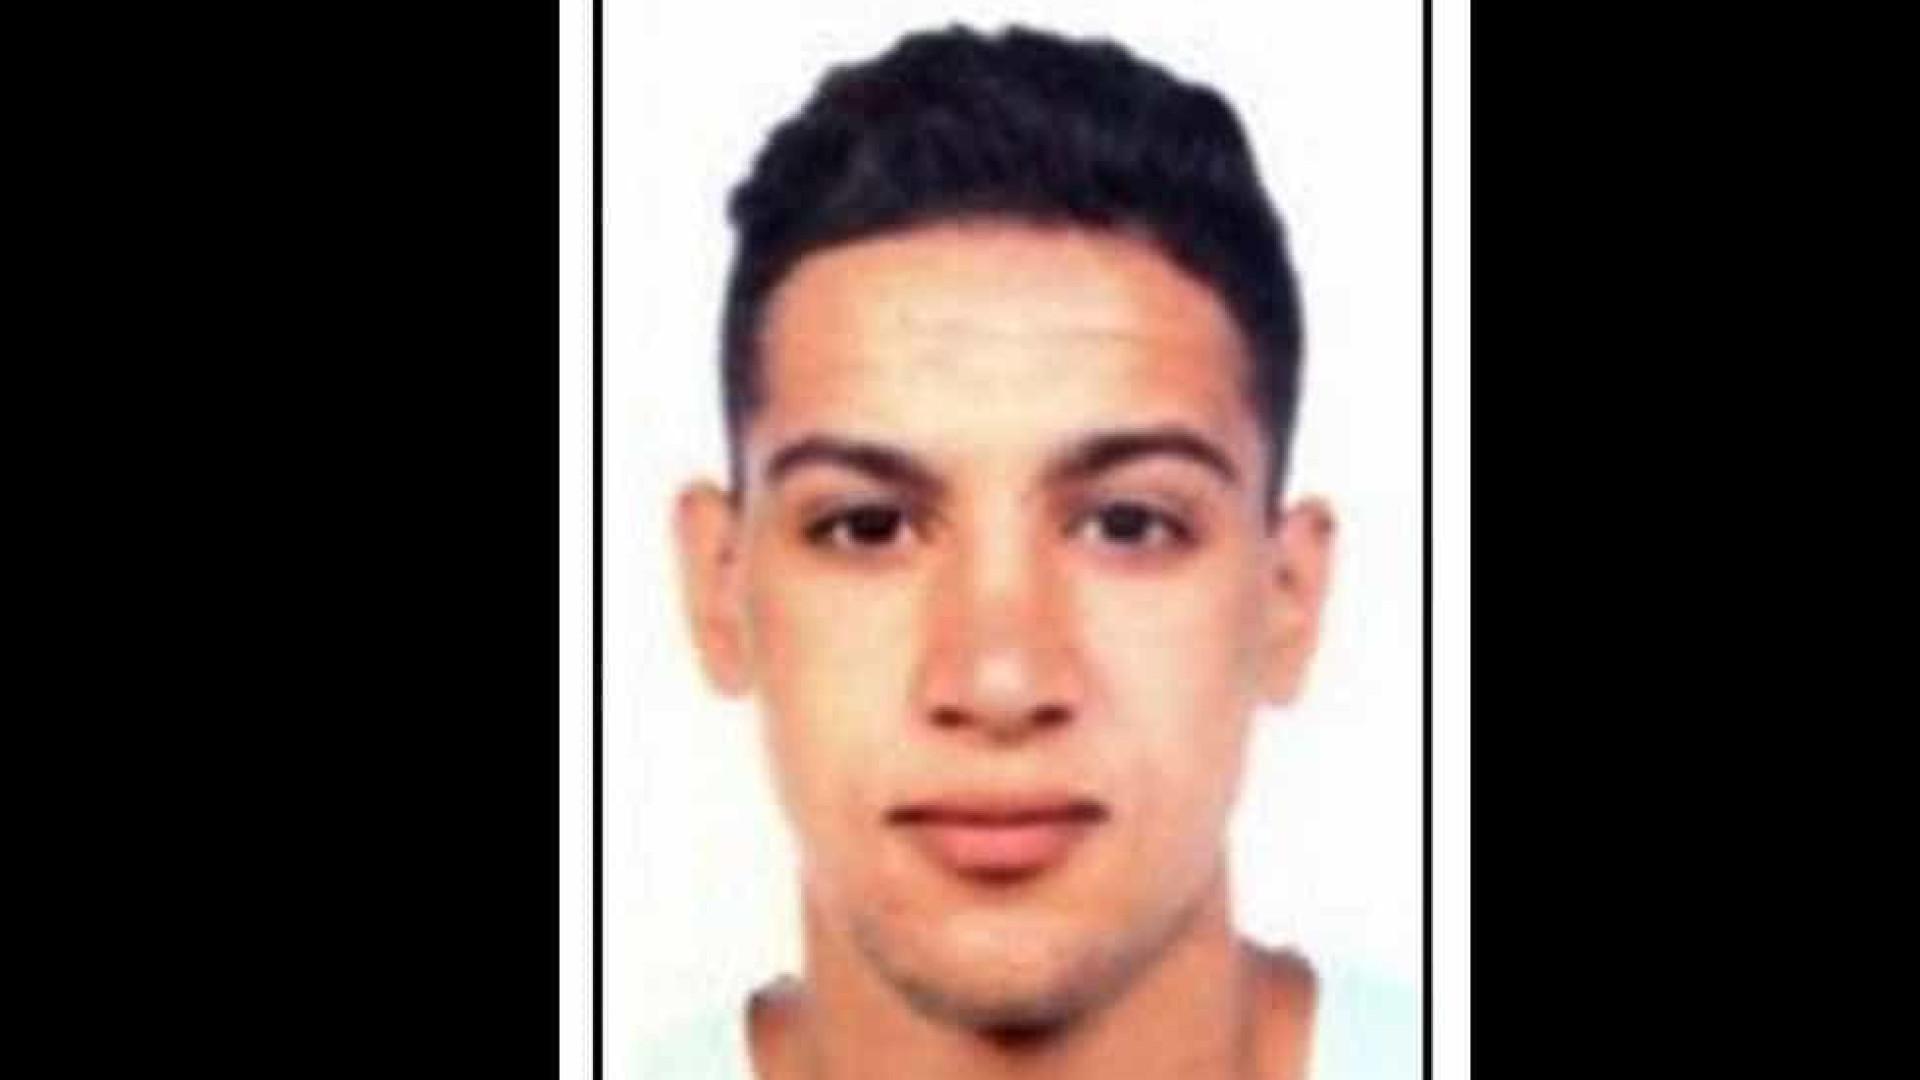 Terrorista morto em Cambrils pediu 'perdão' em carta de despedida